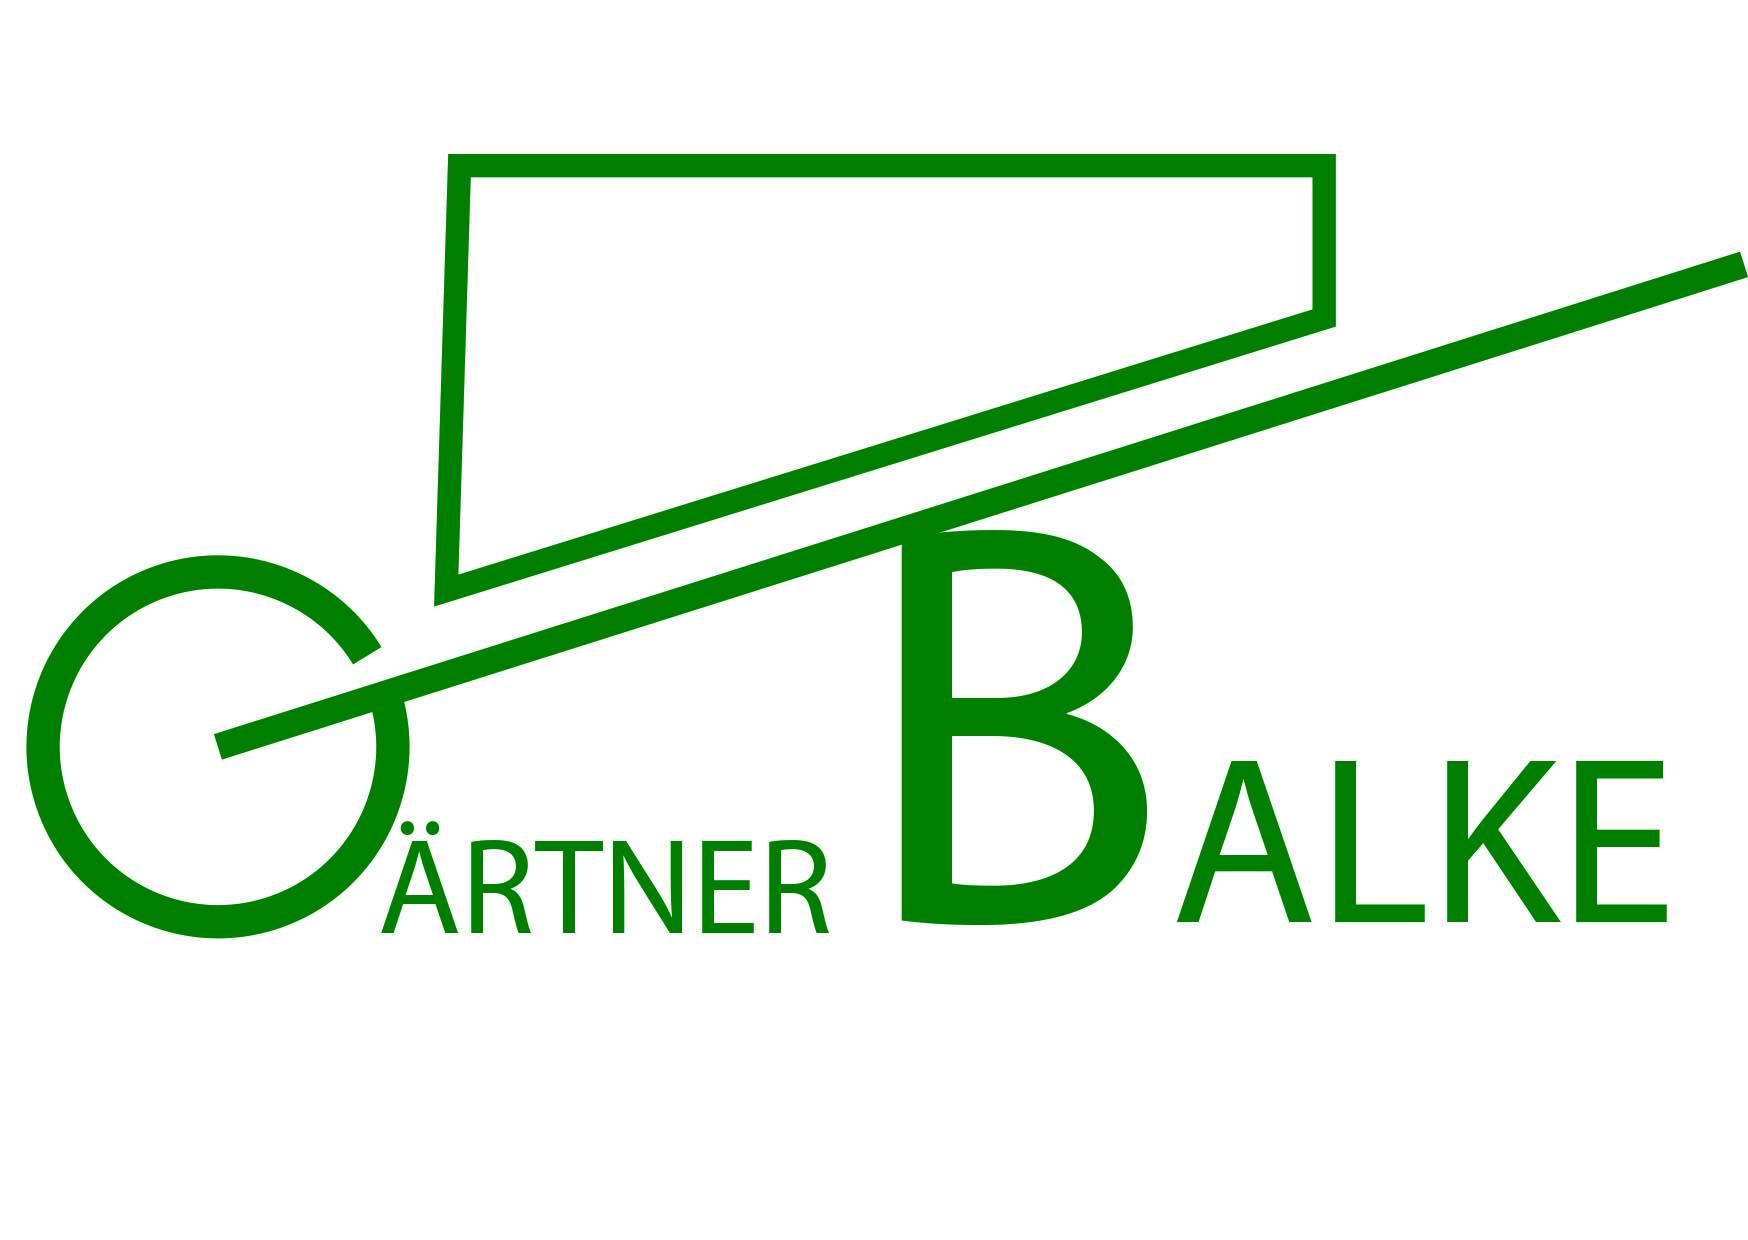 Gärtner Balke